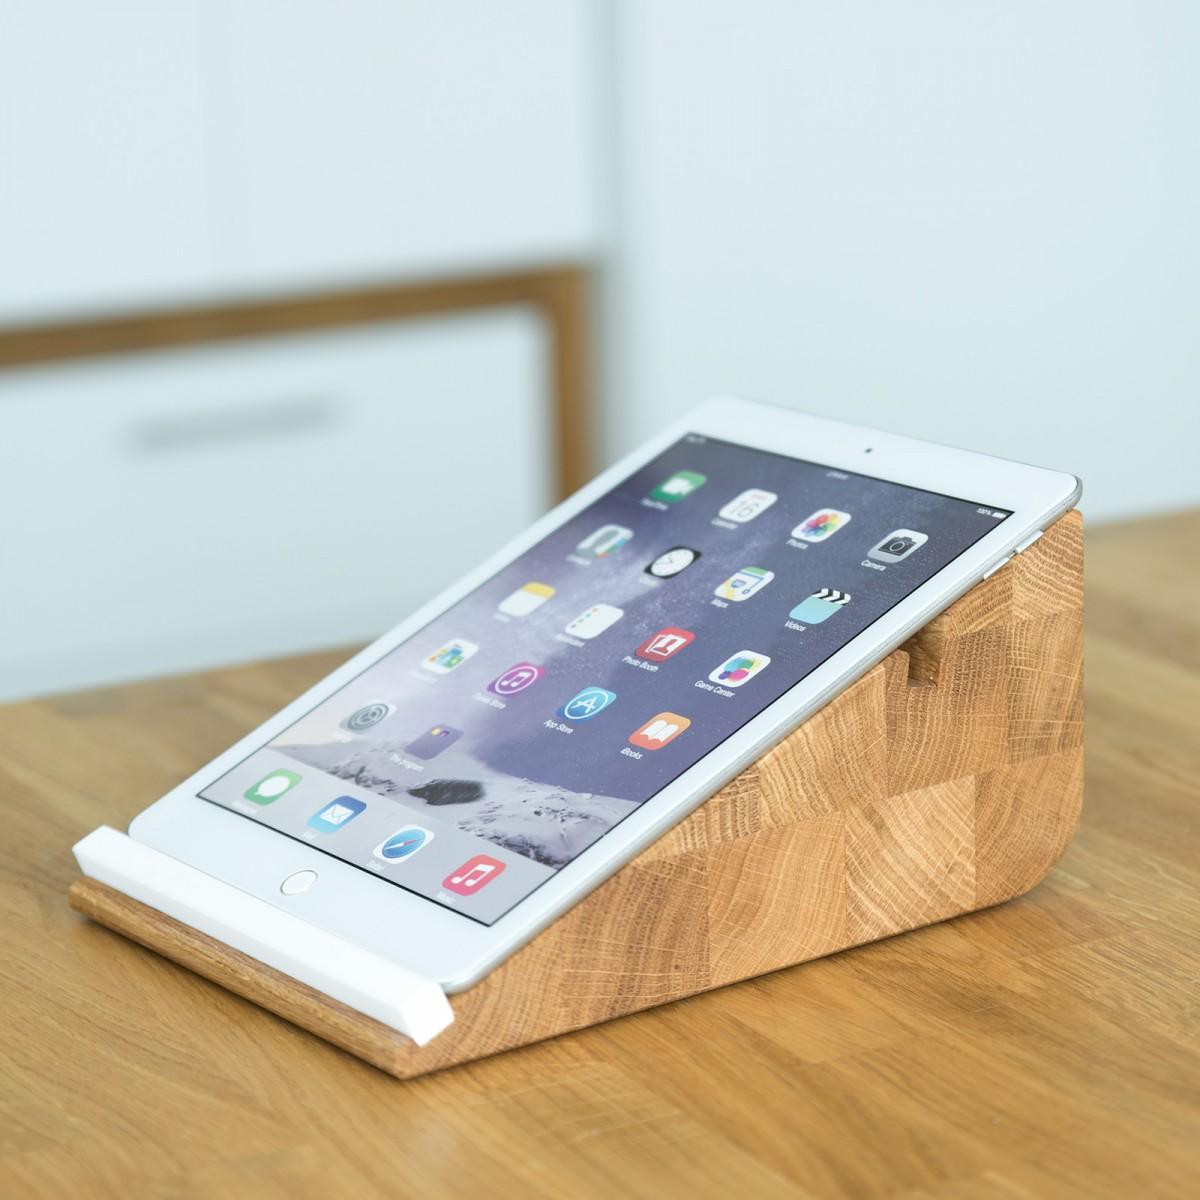 Tablet Halter tablojdo 10, iPad Halter aus Holz | Tablet Halterung 10 Zoll | Holzbutiq